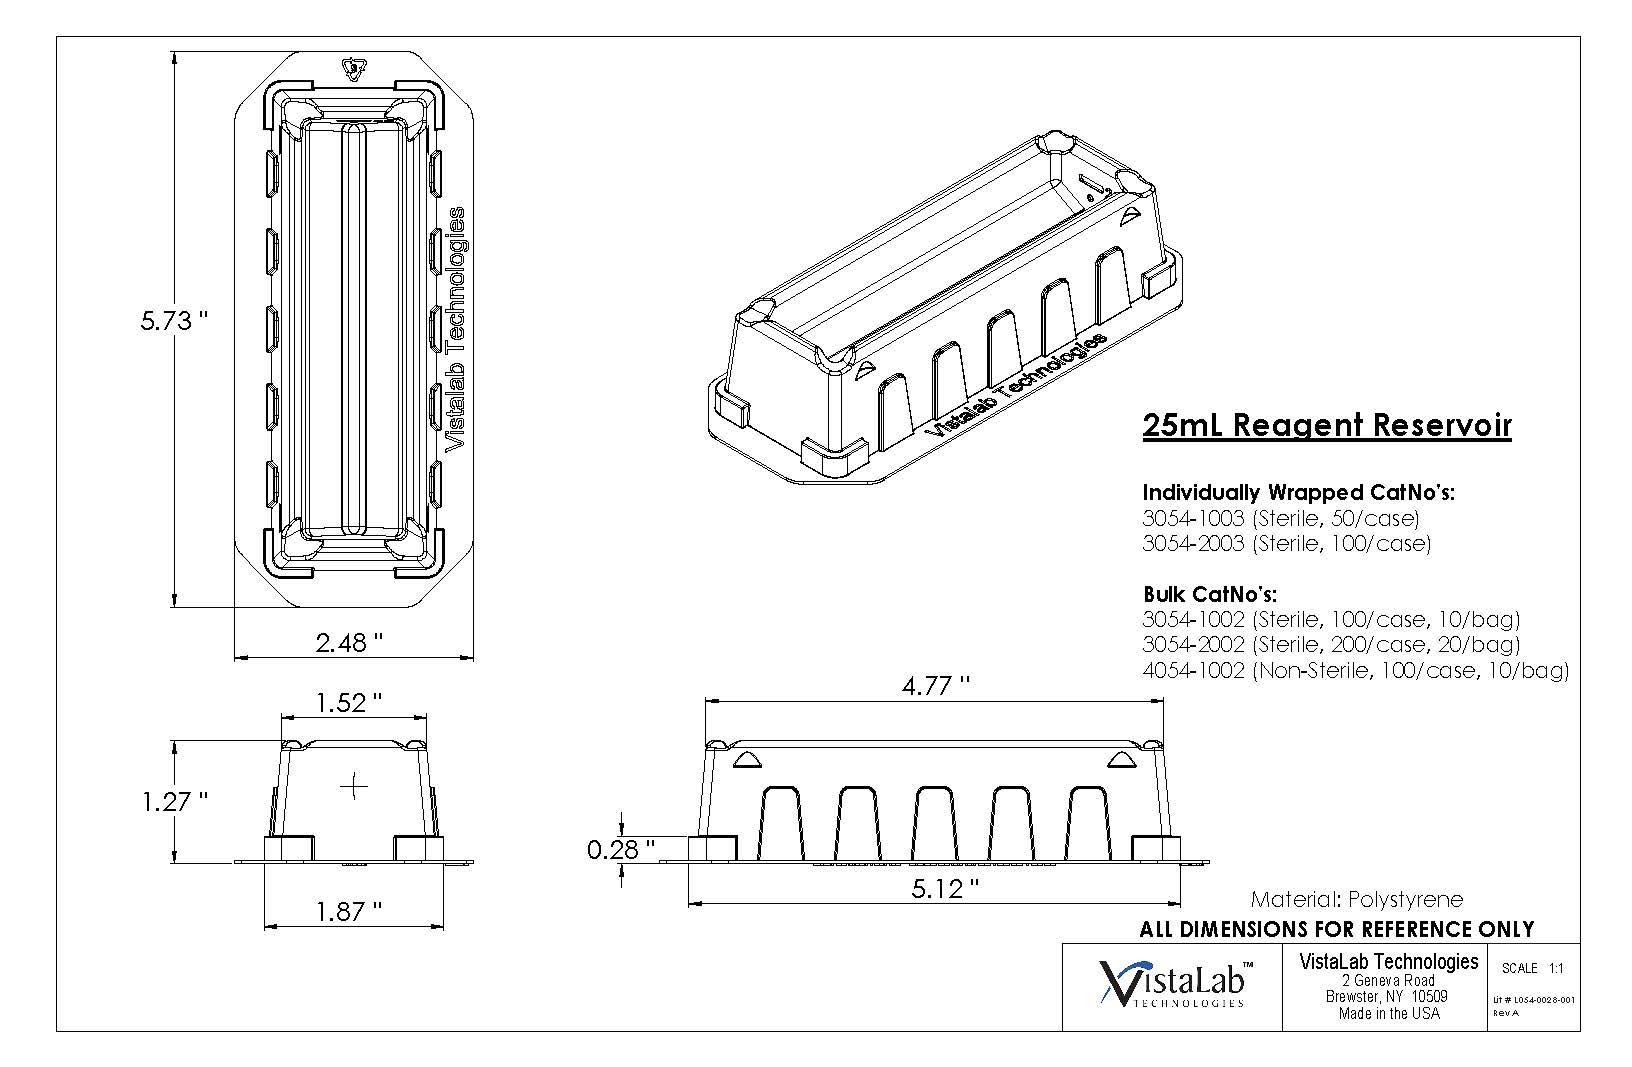 25ml_reservoir_dimensionsJB